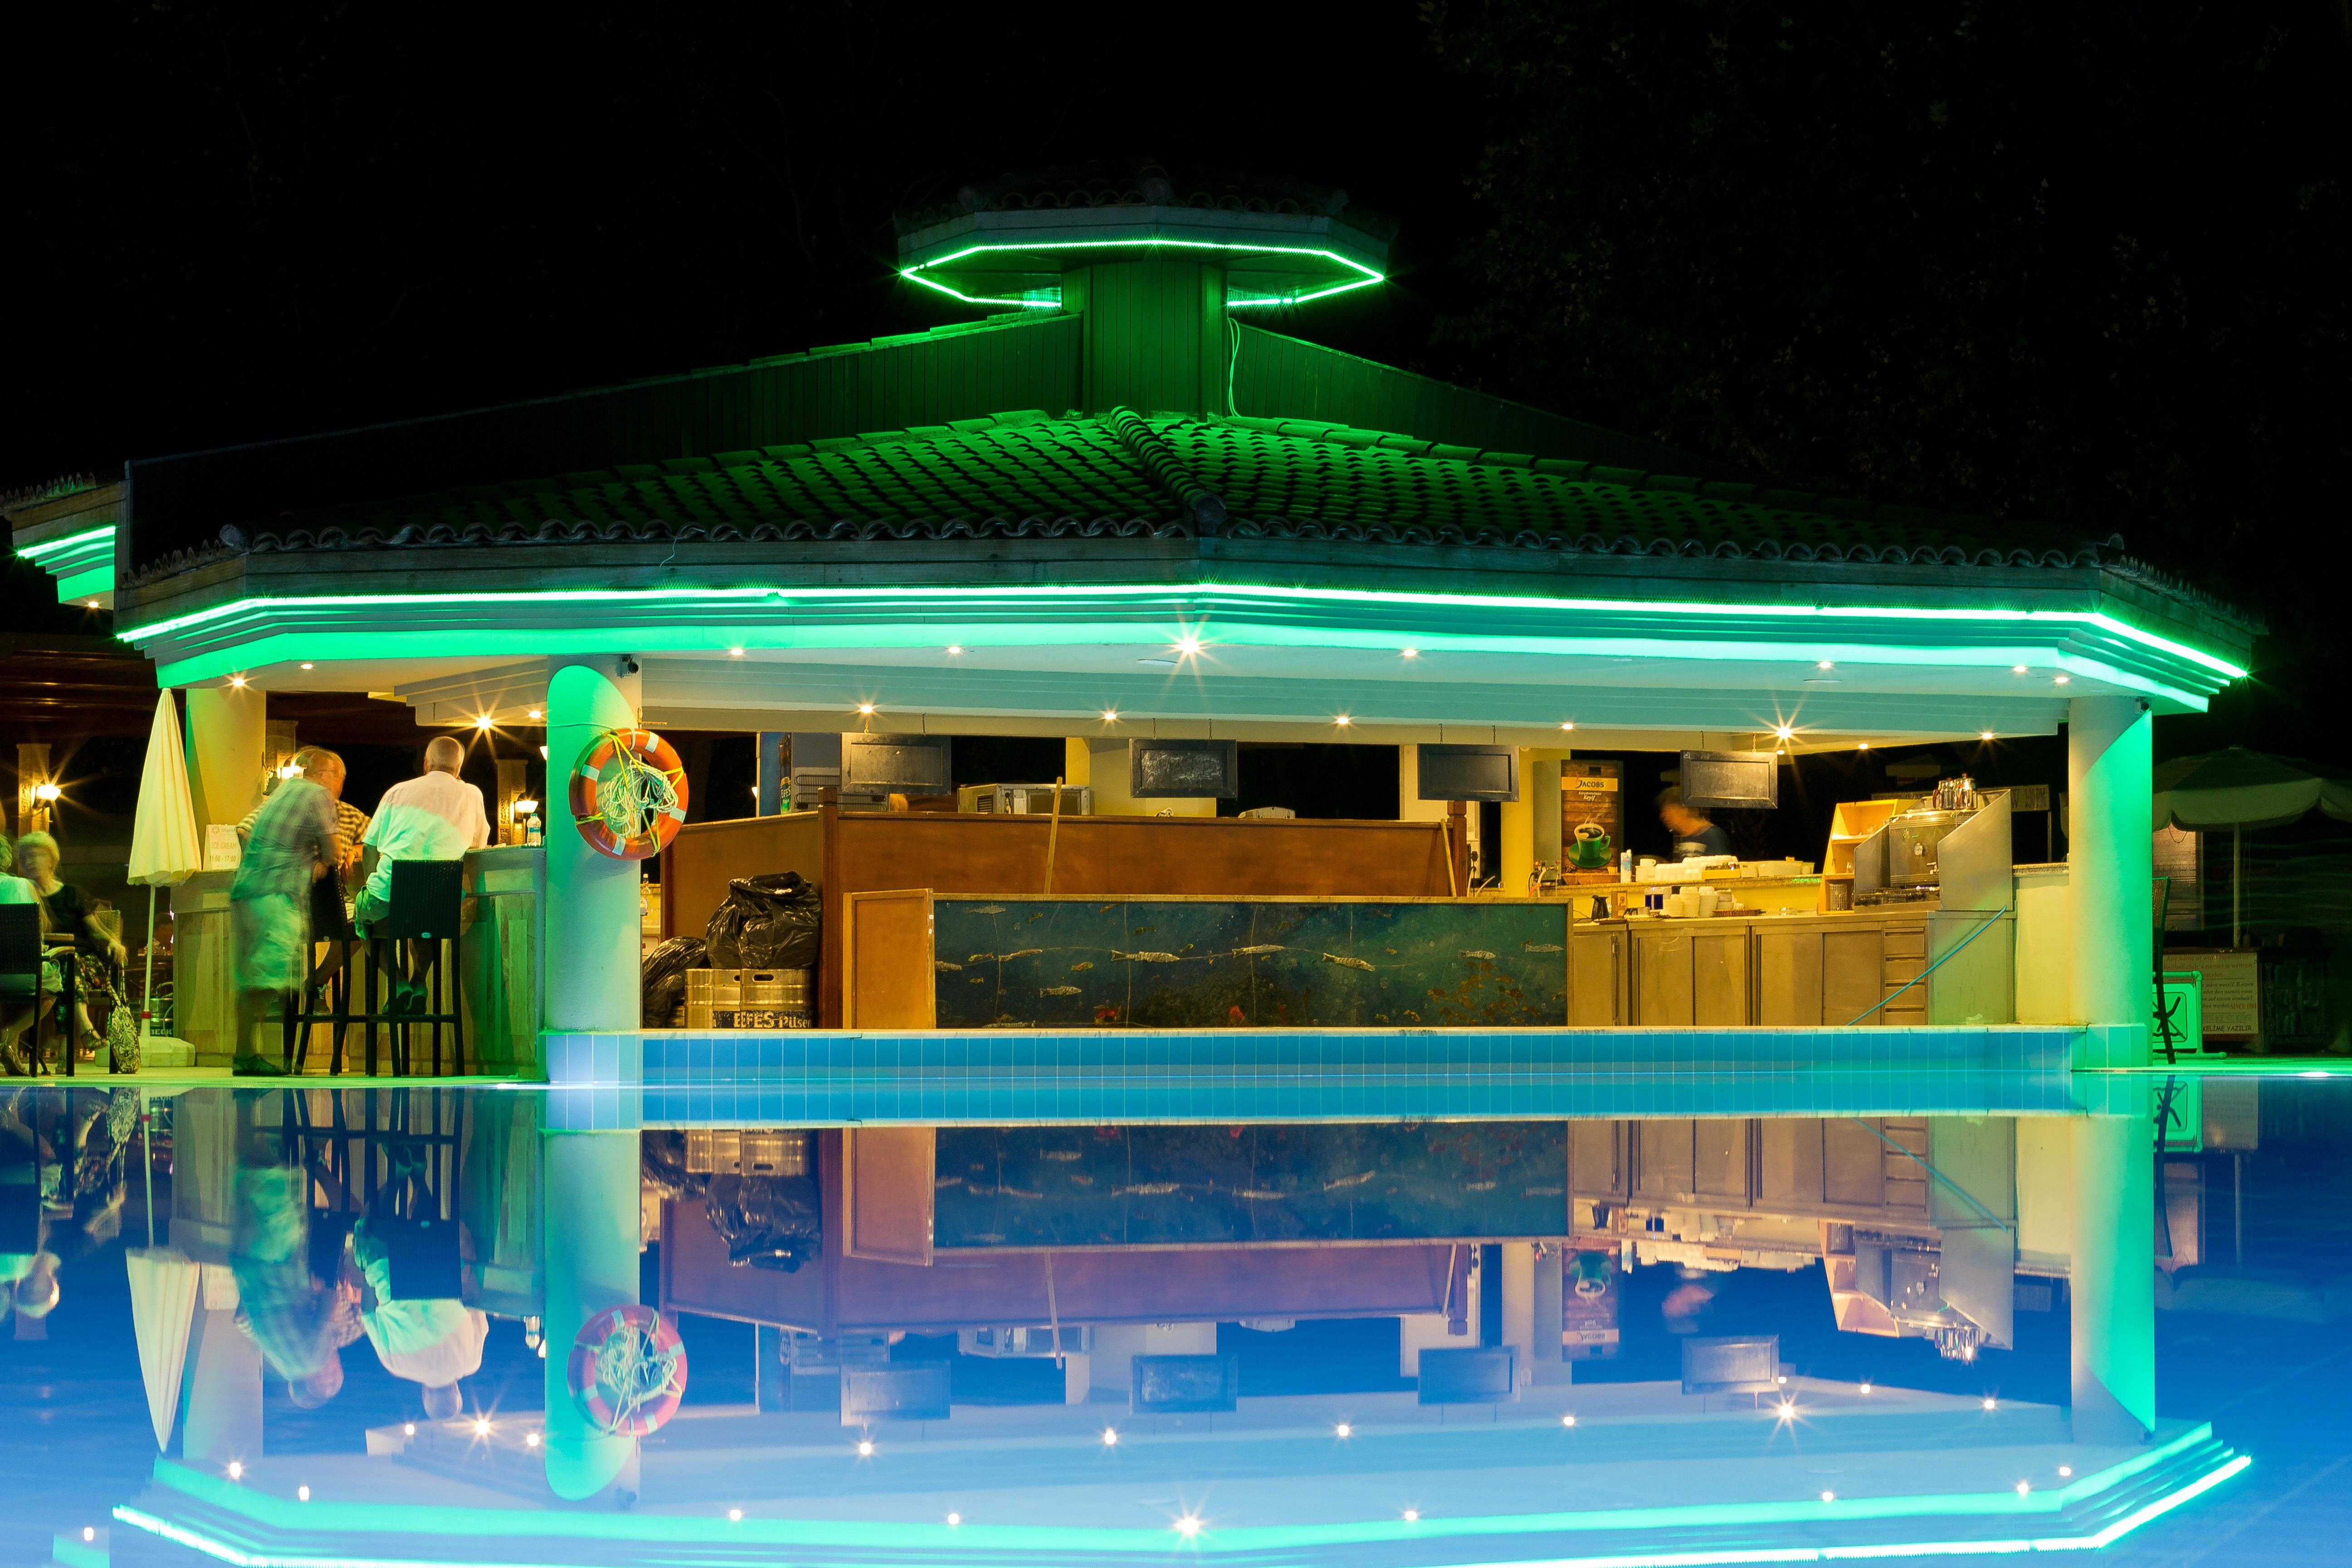 Gratis Afbeeldingen : licht, nacht, zwembad, bar, verlichting, hotel ...